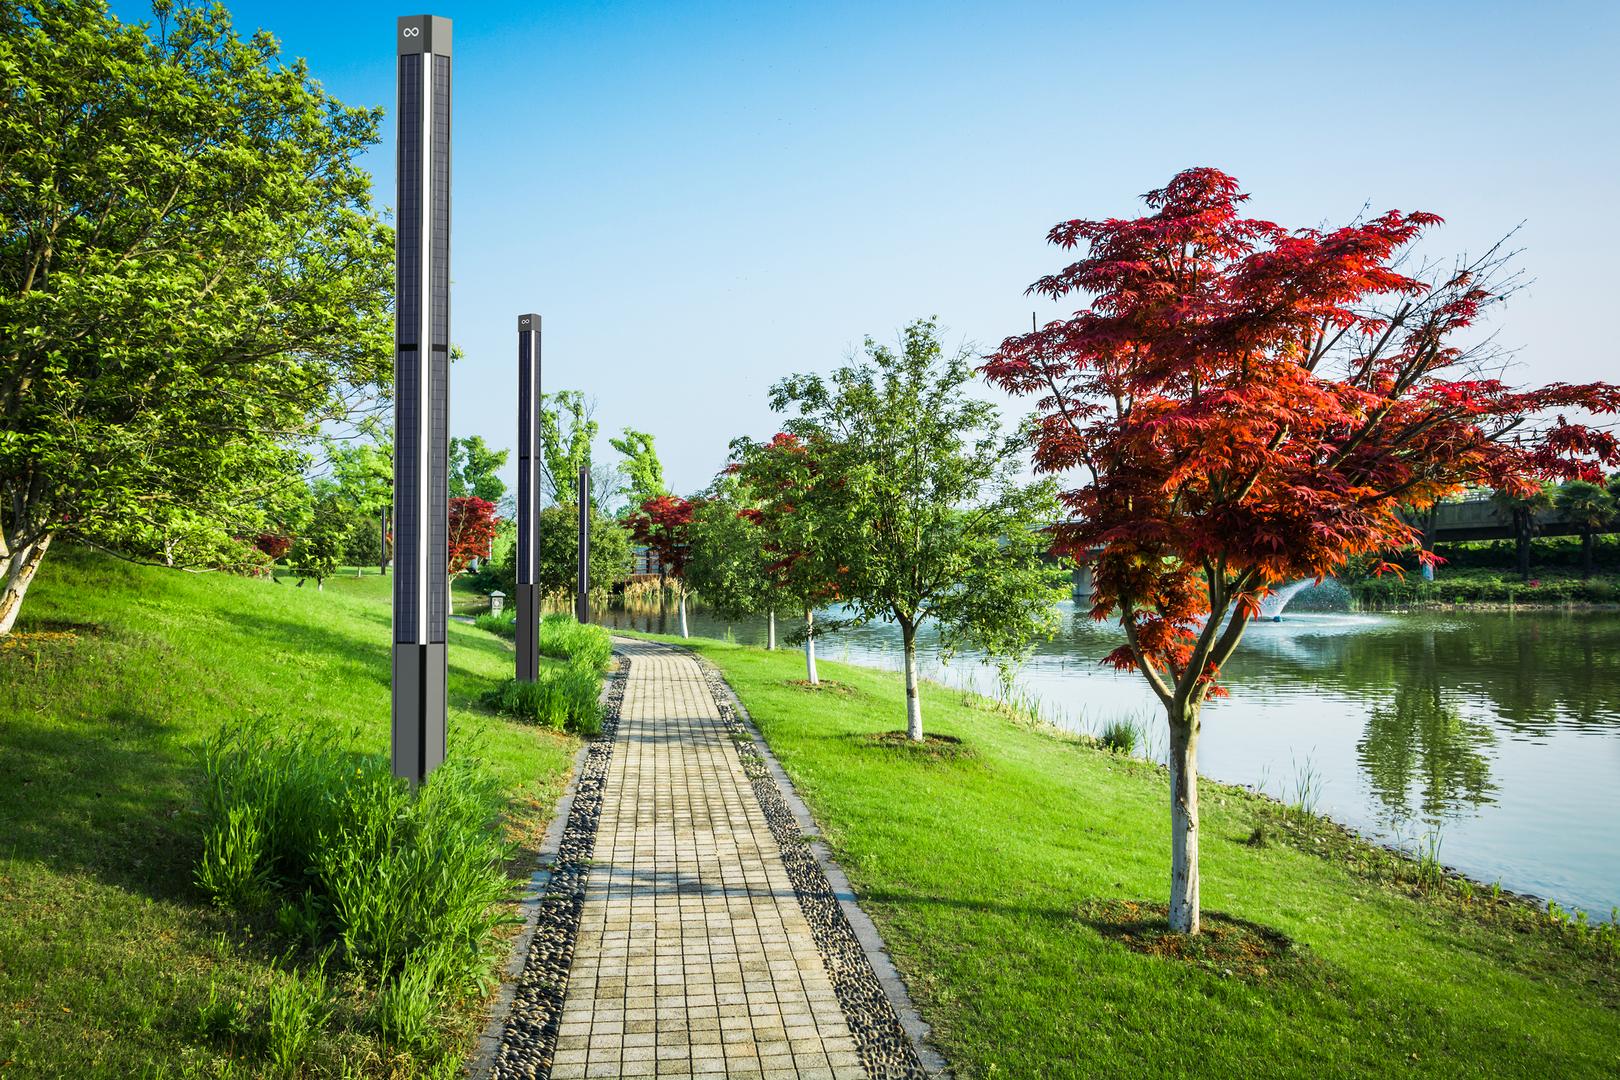 Rekreasyon Alanları, Park ve Bahçeler, Yeşil Alanlar, Mesire Alanları, Barajlar ...